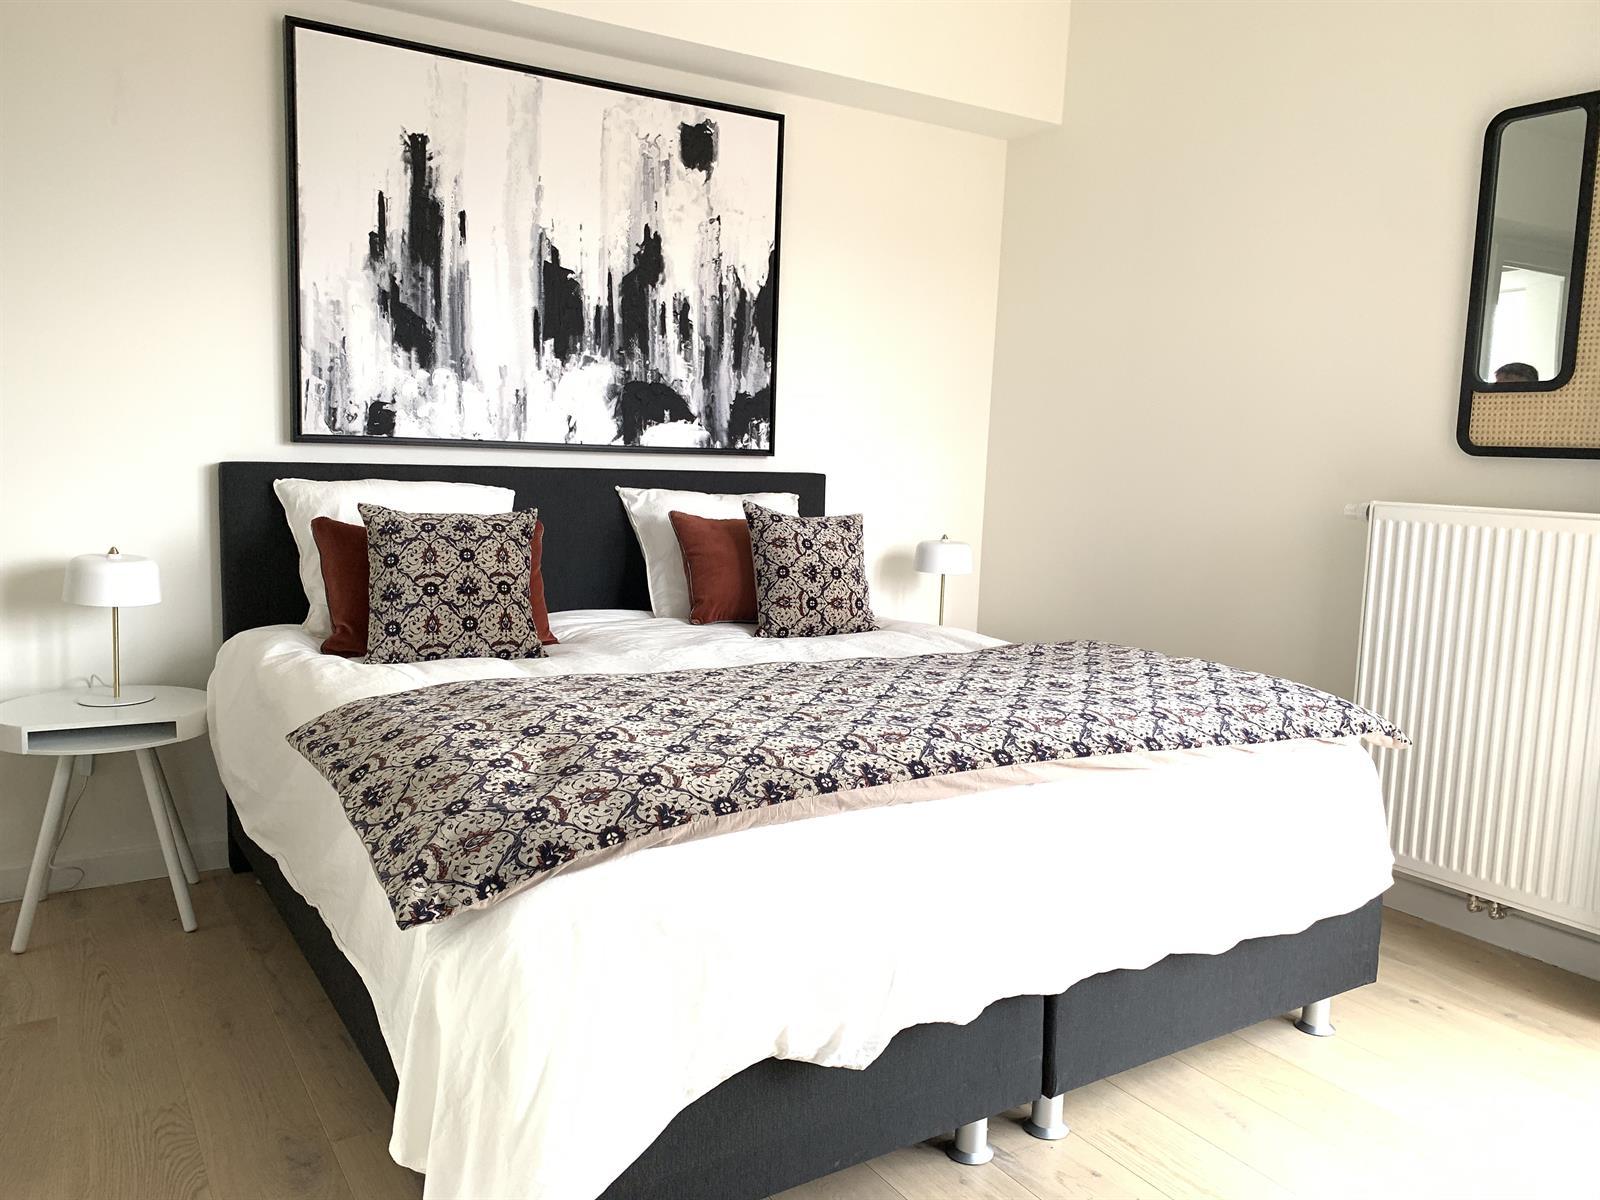 Appartement exceptionnel - Schaerbeek - #3964777-5